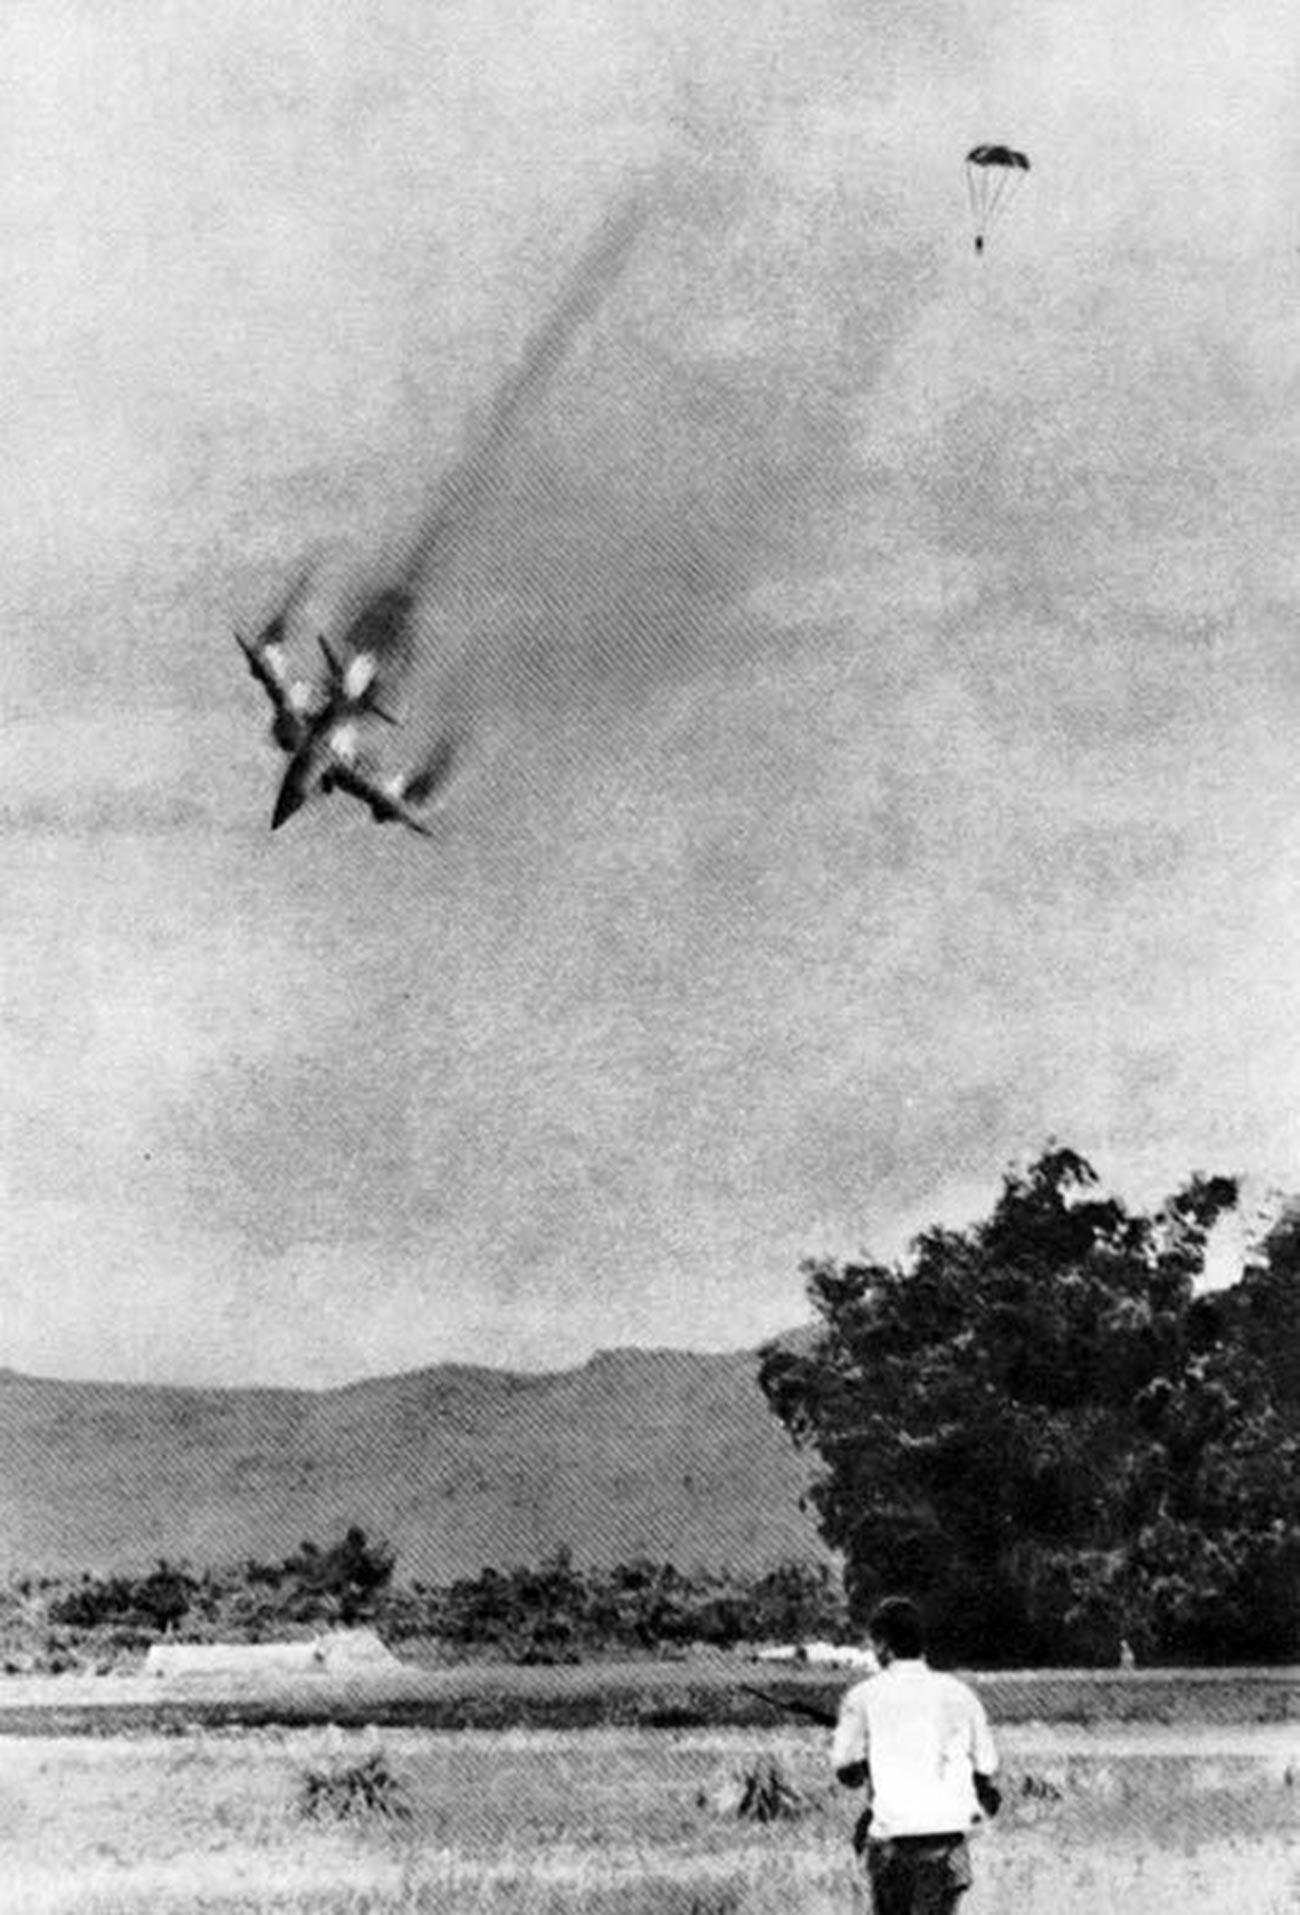 « Arrivé à destination » Avion américain abattu dans le ciel du Vietnam.